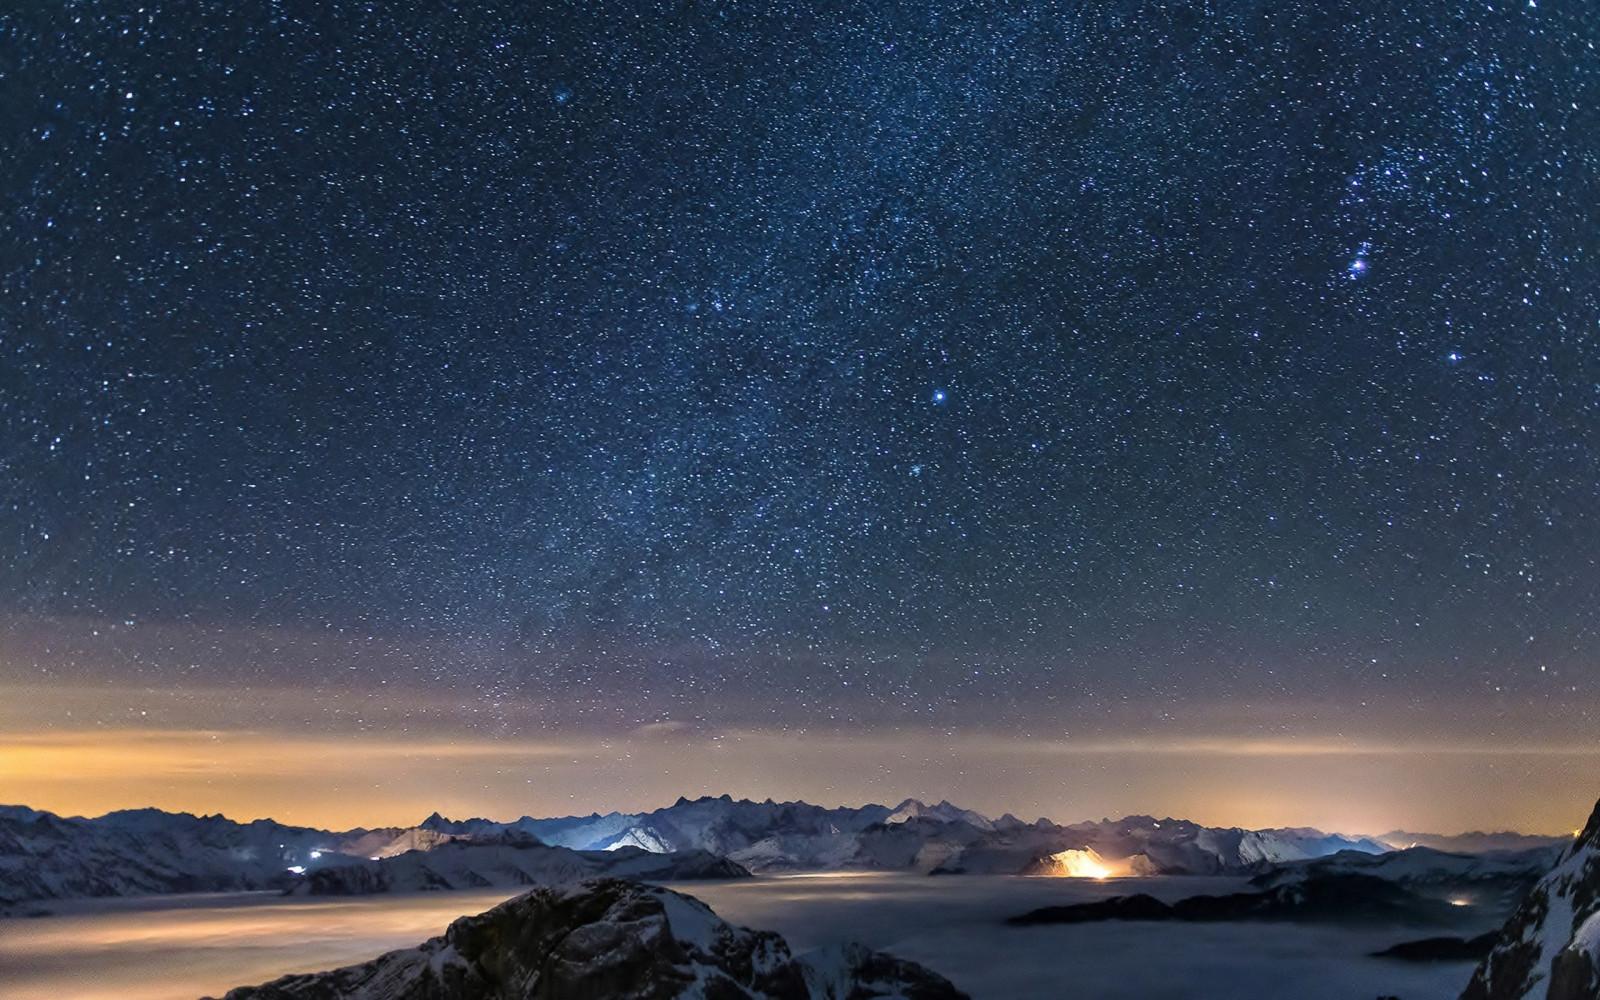 Fondo Escritorio Picos Montañas Nevadas: Fondos De Pantalla : Montañas, Noche, Galaxia, Cielo